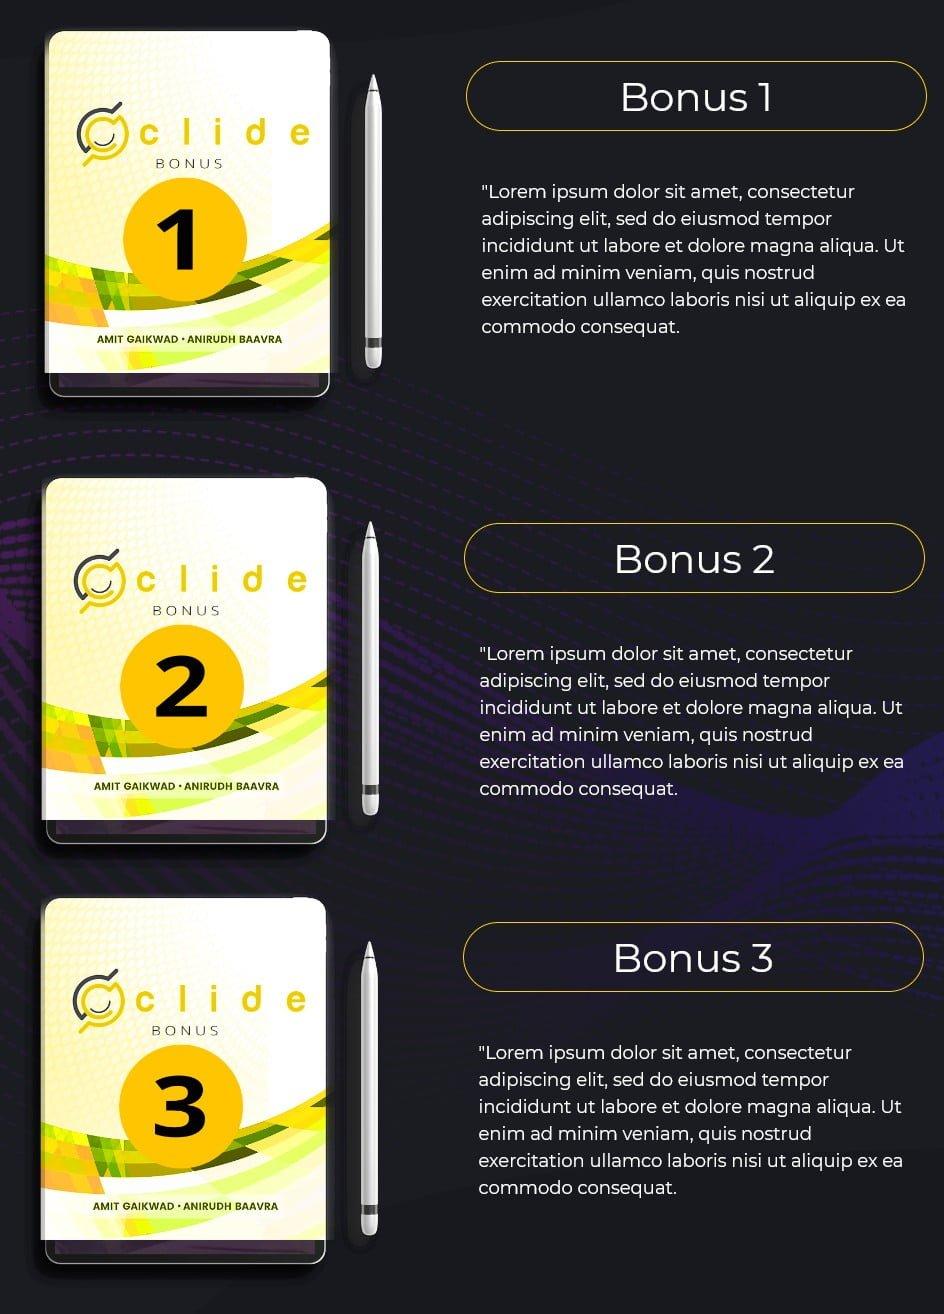 Clide-bonus